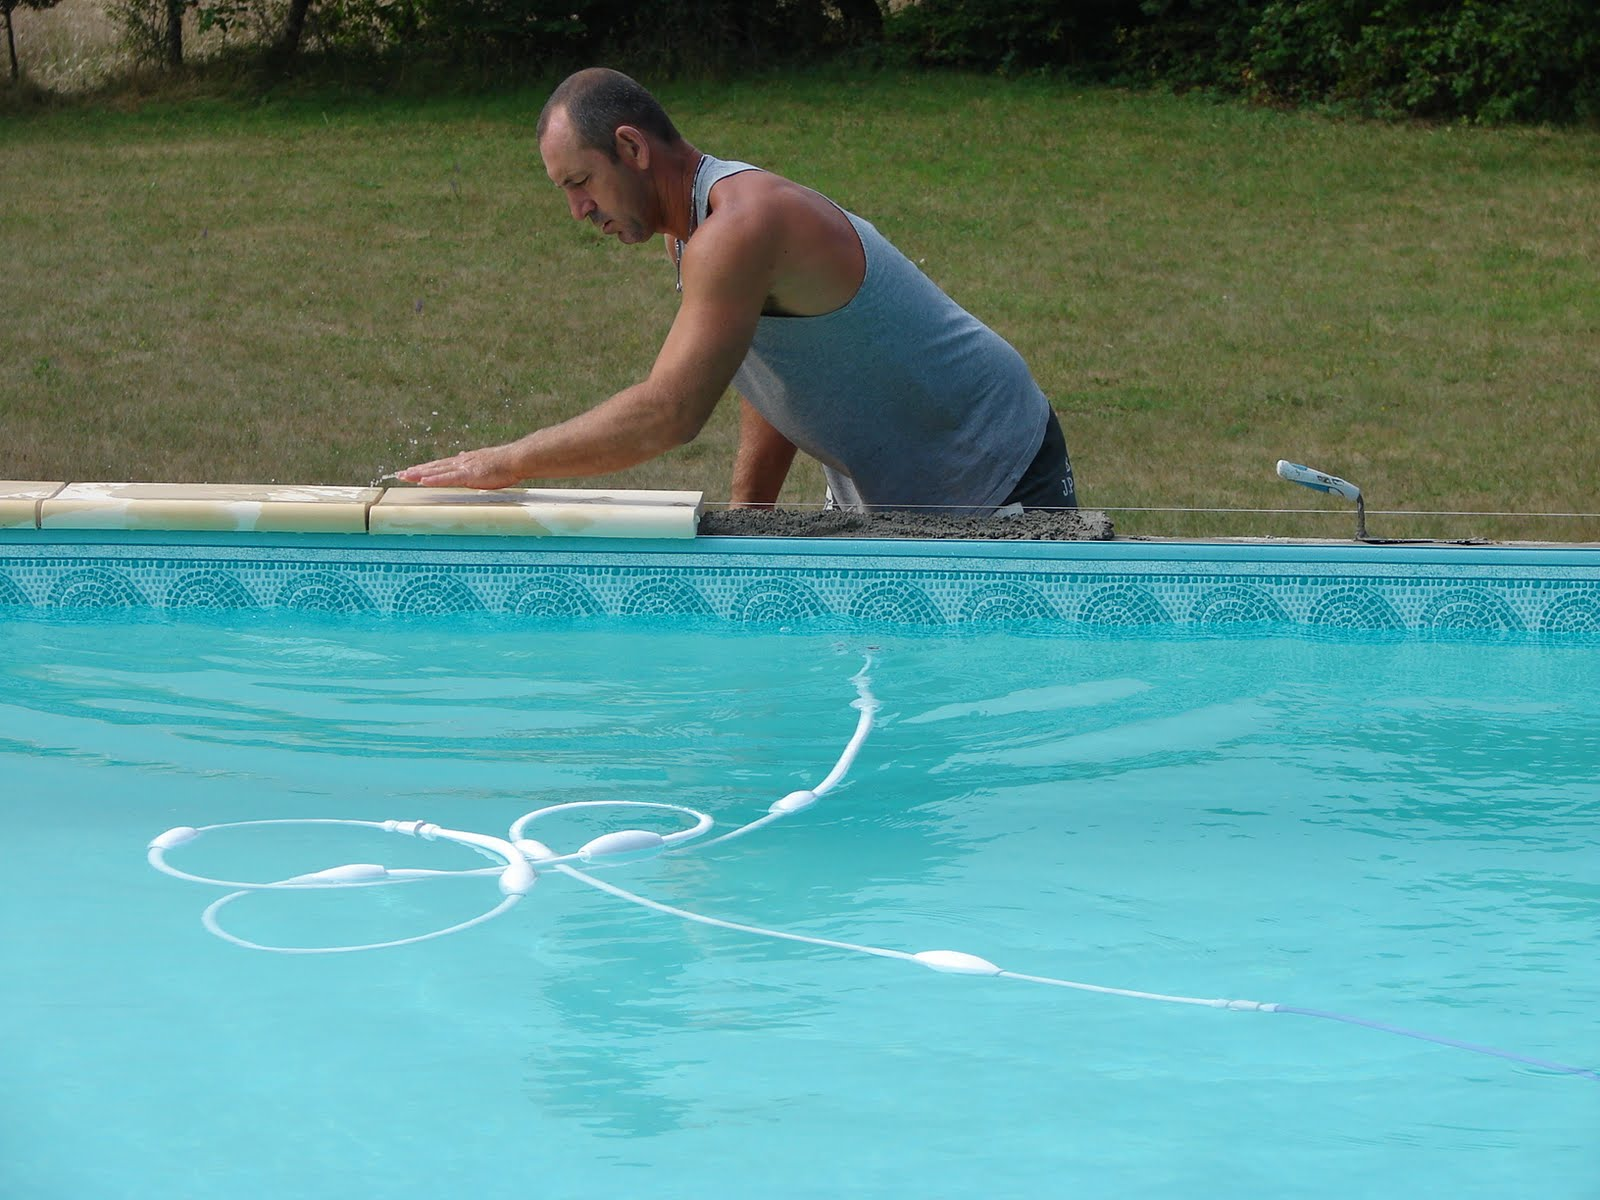 Les fontanelles zwembad dag 16 - Fotos van het zwembad ...